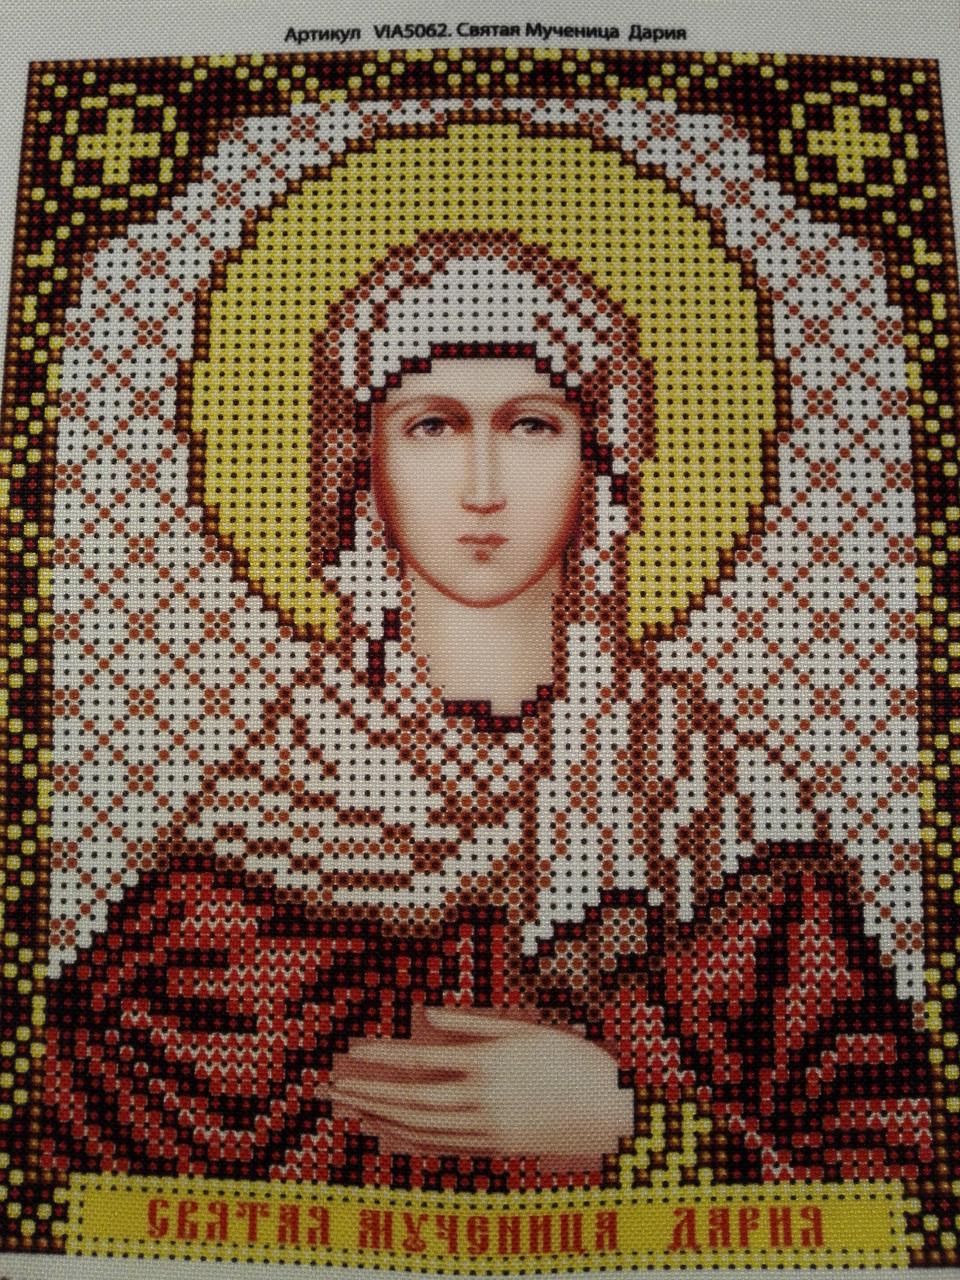 Набор для вышивки бисером икона Святая Мученица Дария VIA 5062